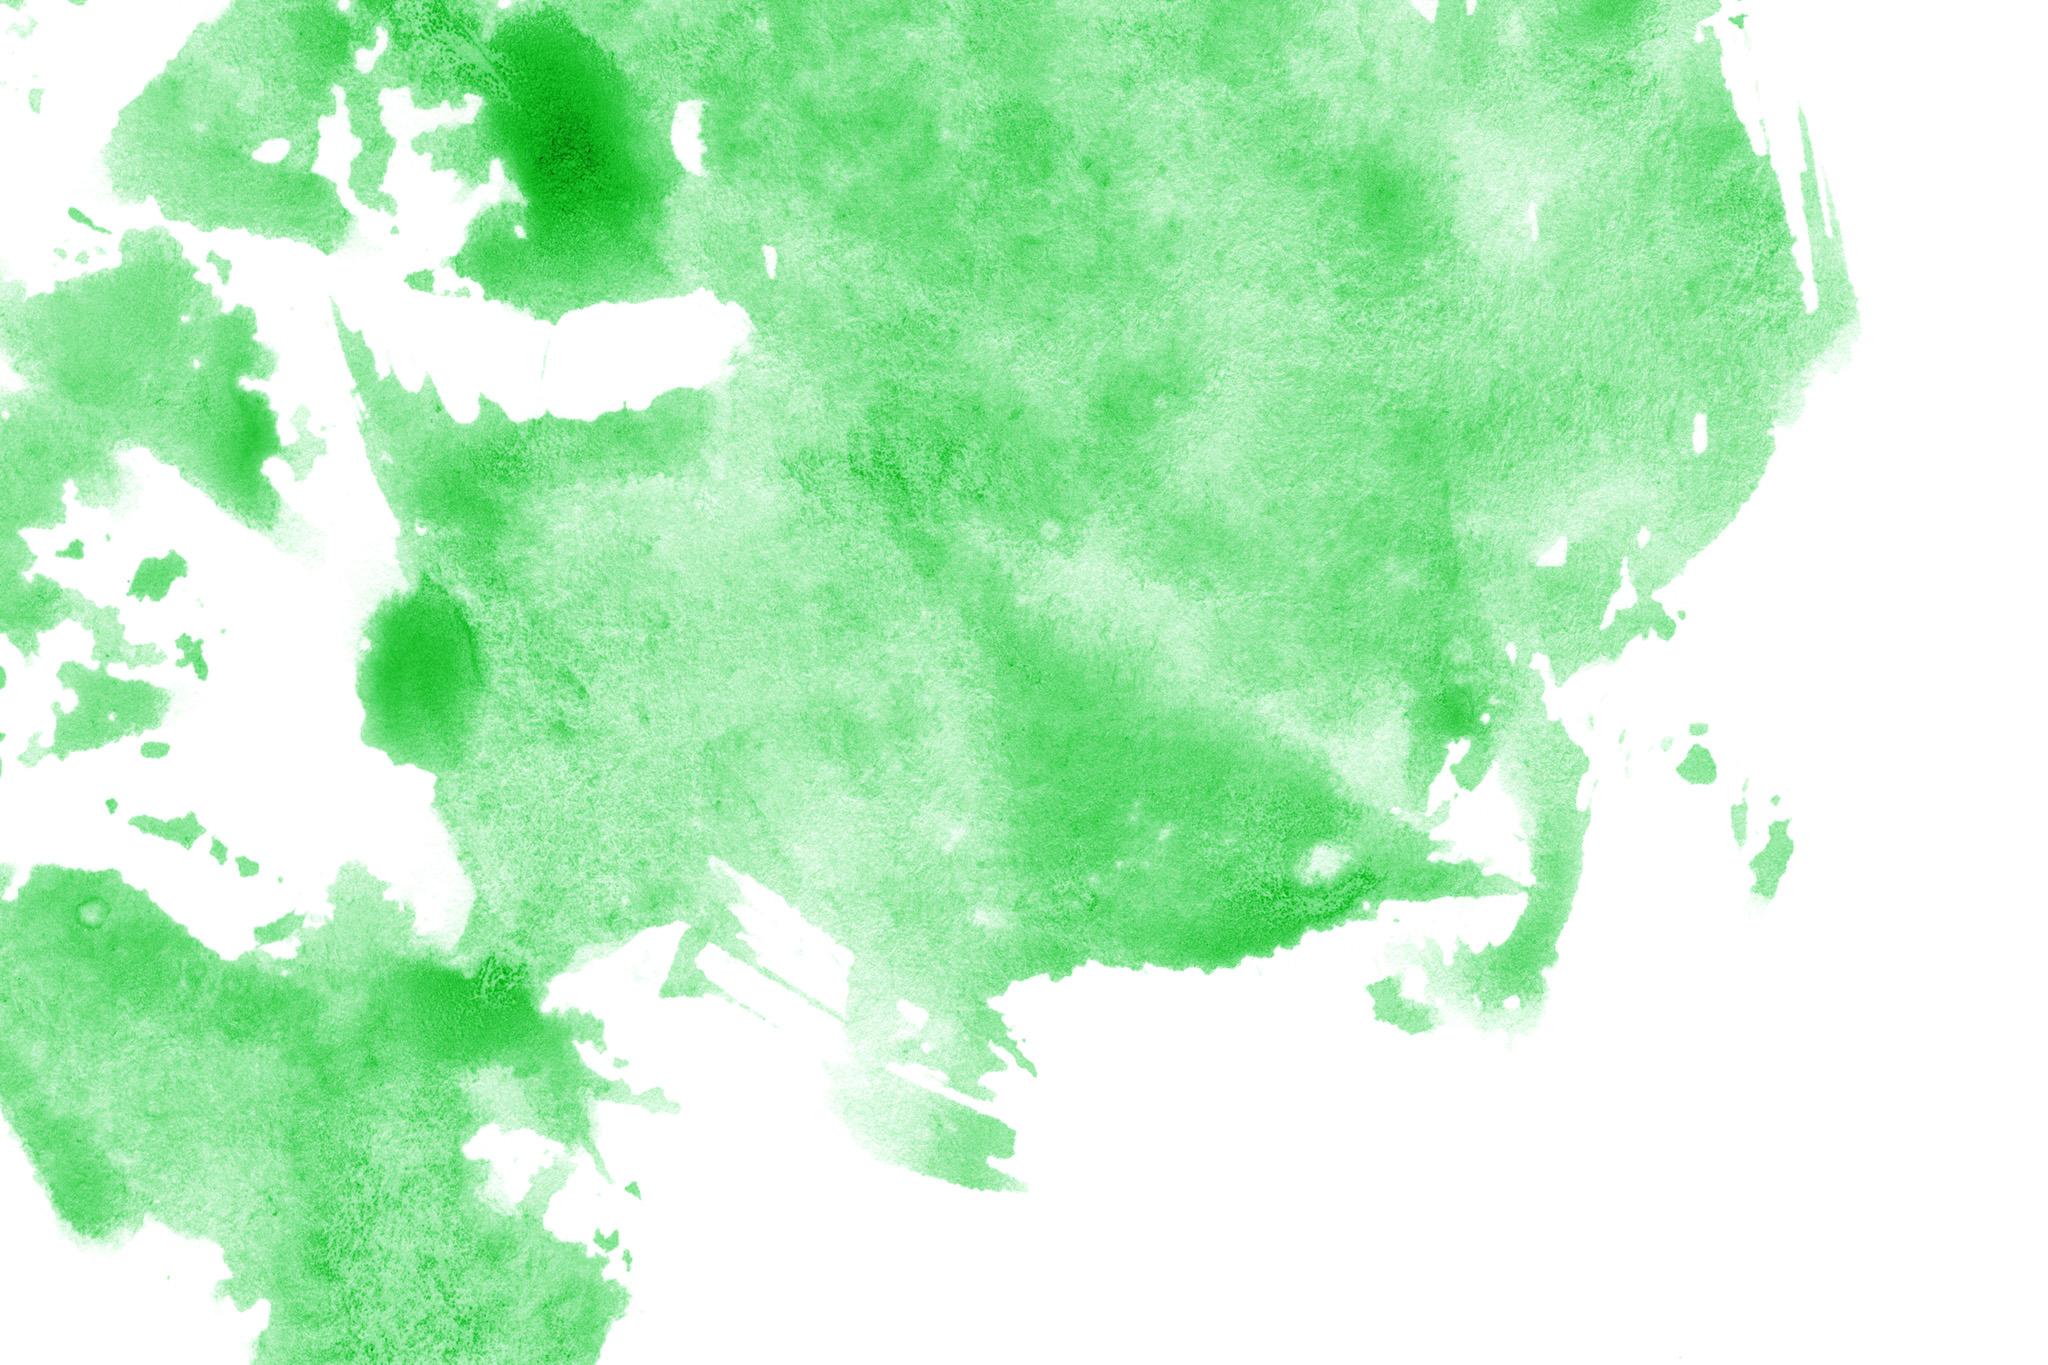 「薄いグリーンが掠れる水彩背景」